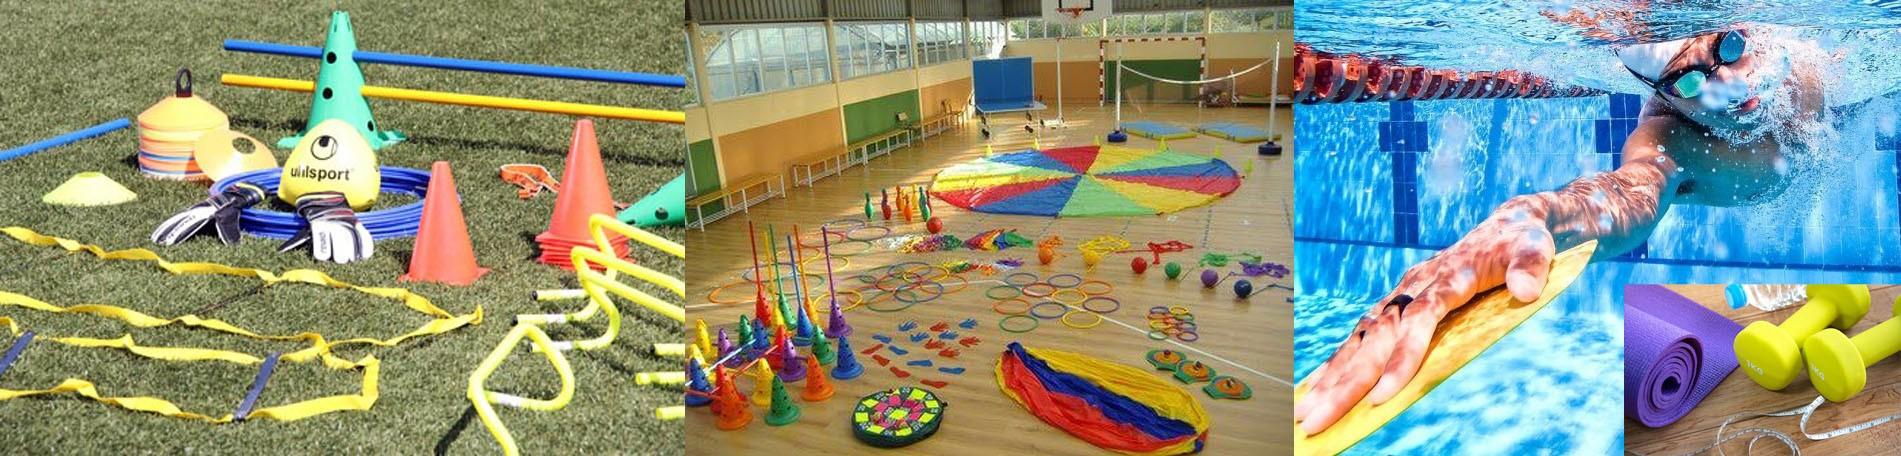 Material de entrenamiento en Deportes Mazarracin Valdemoro